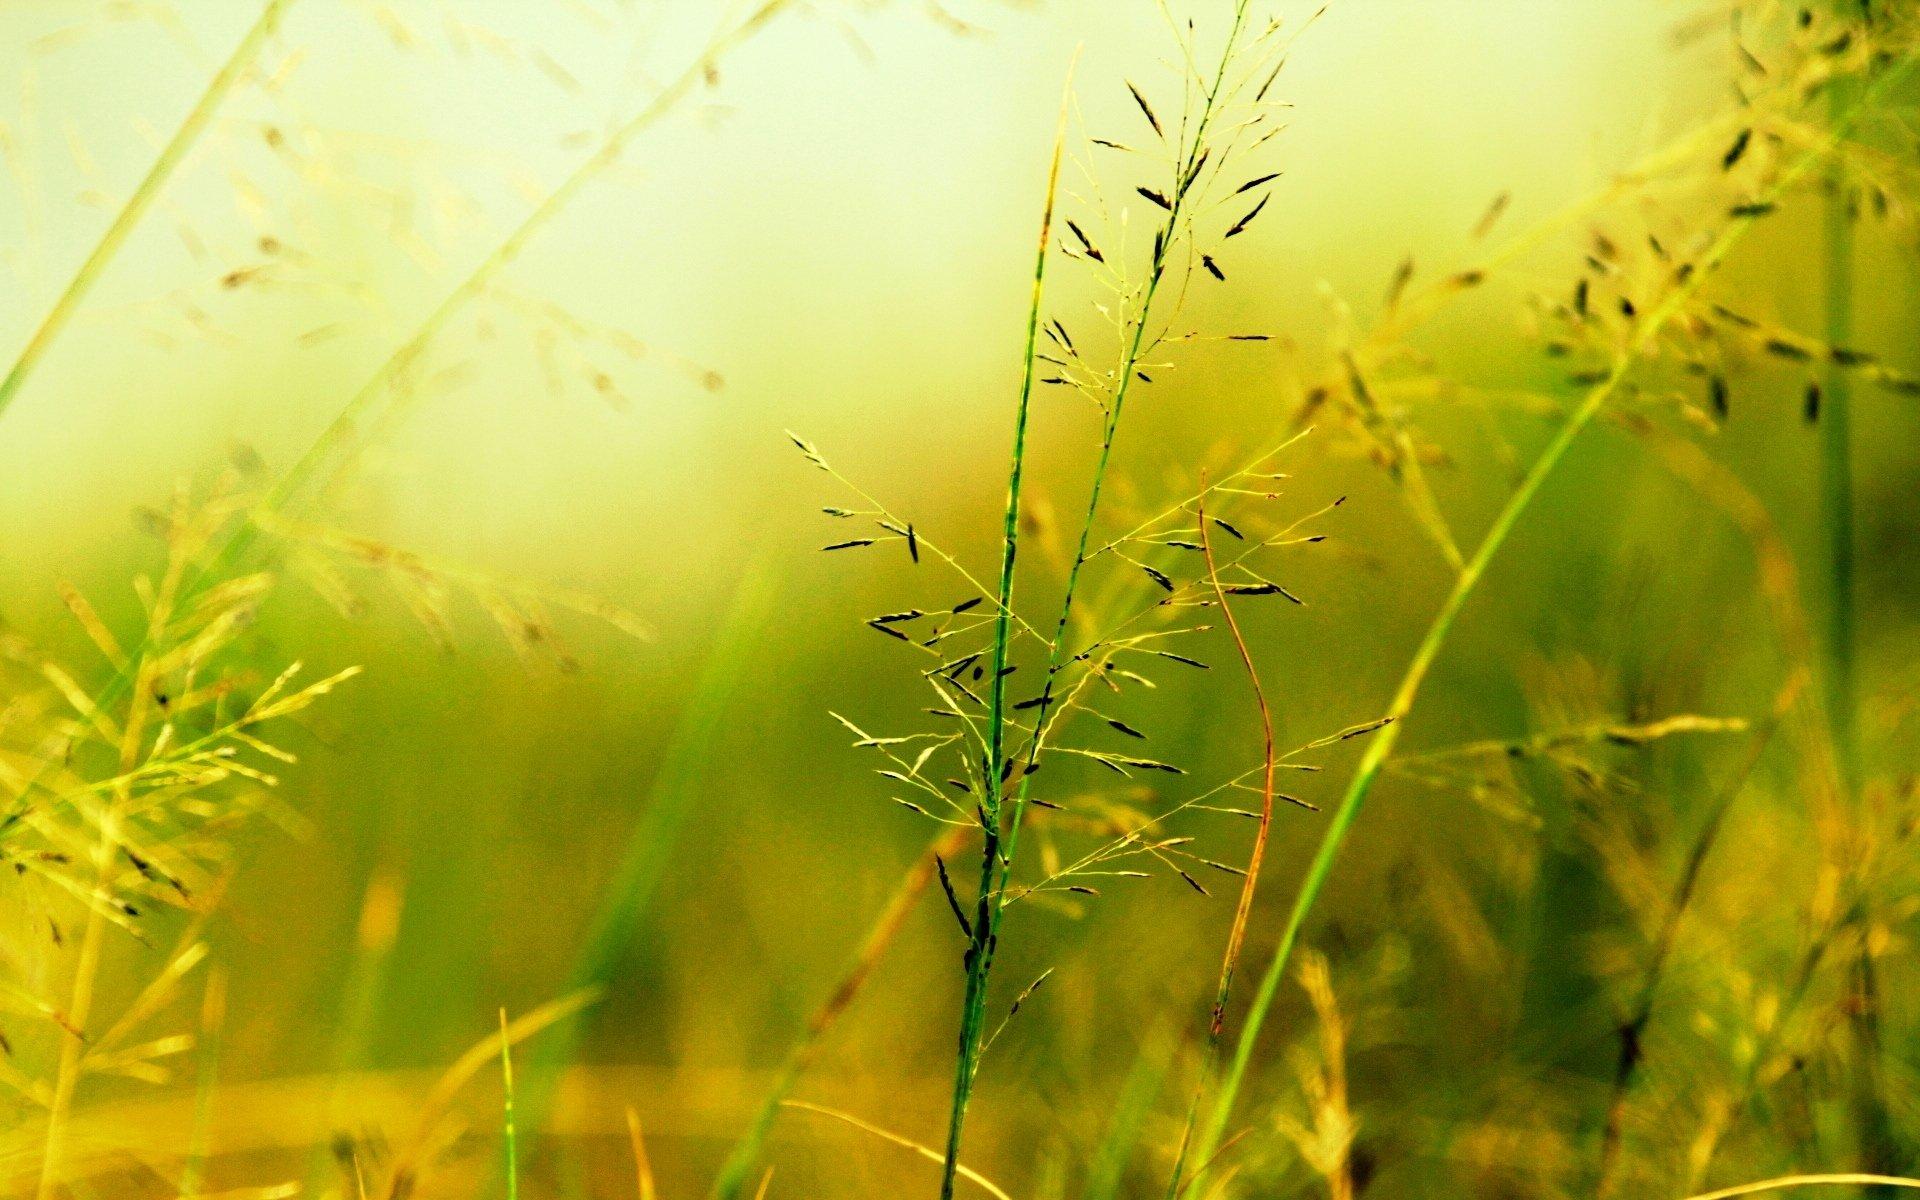 желто зеленые картинки на природе каждый взлет